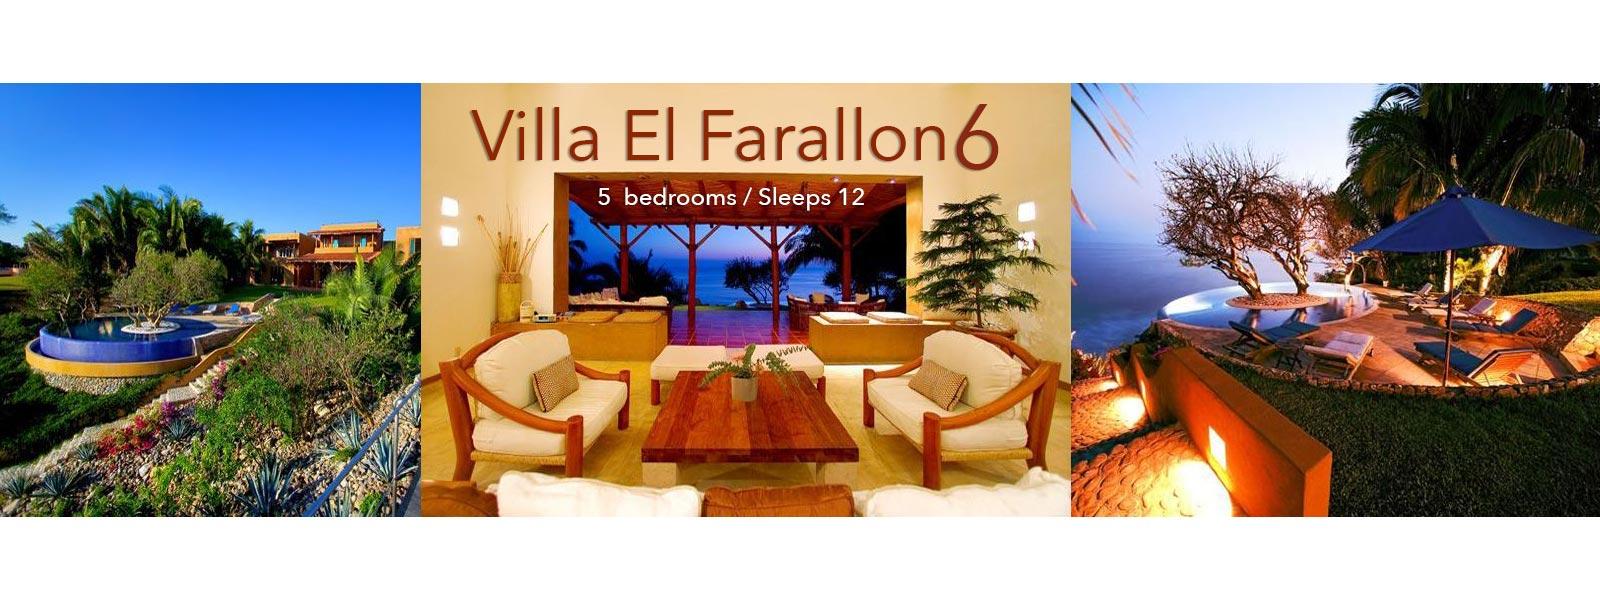 Villa El Farallon 6 - Luxury Punta de Mita Vacation Villa - North Shore Puerto Vallarta, Mexico